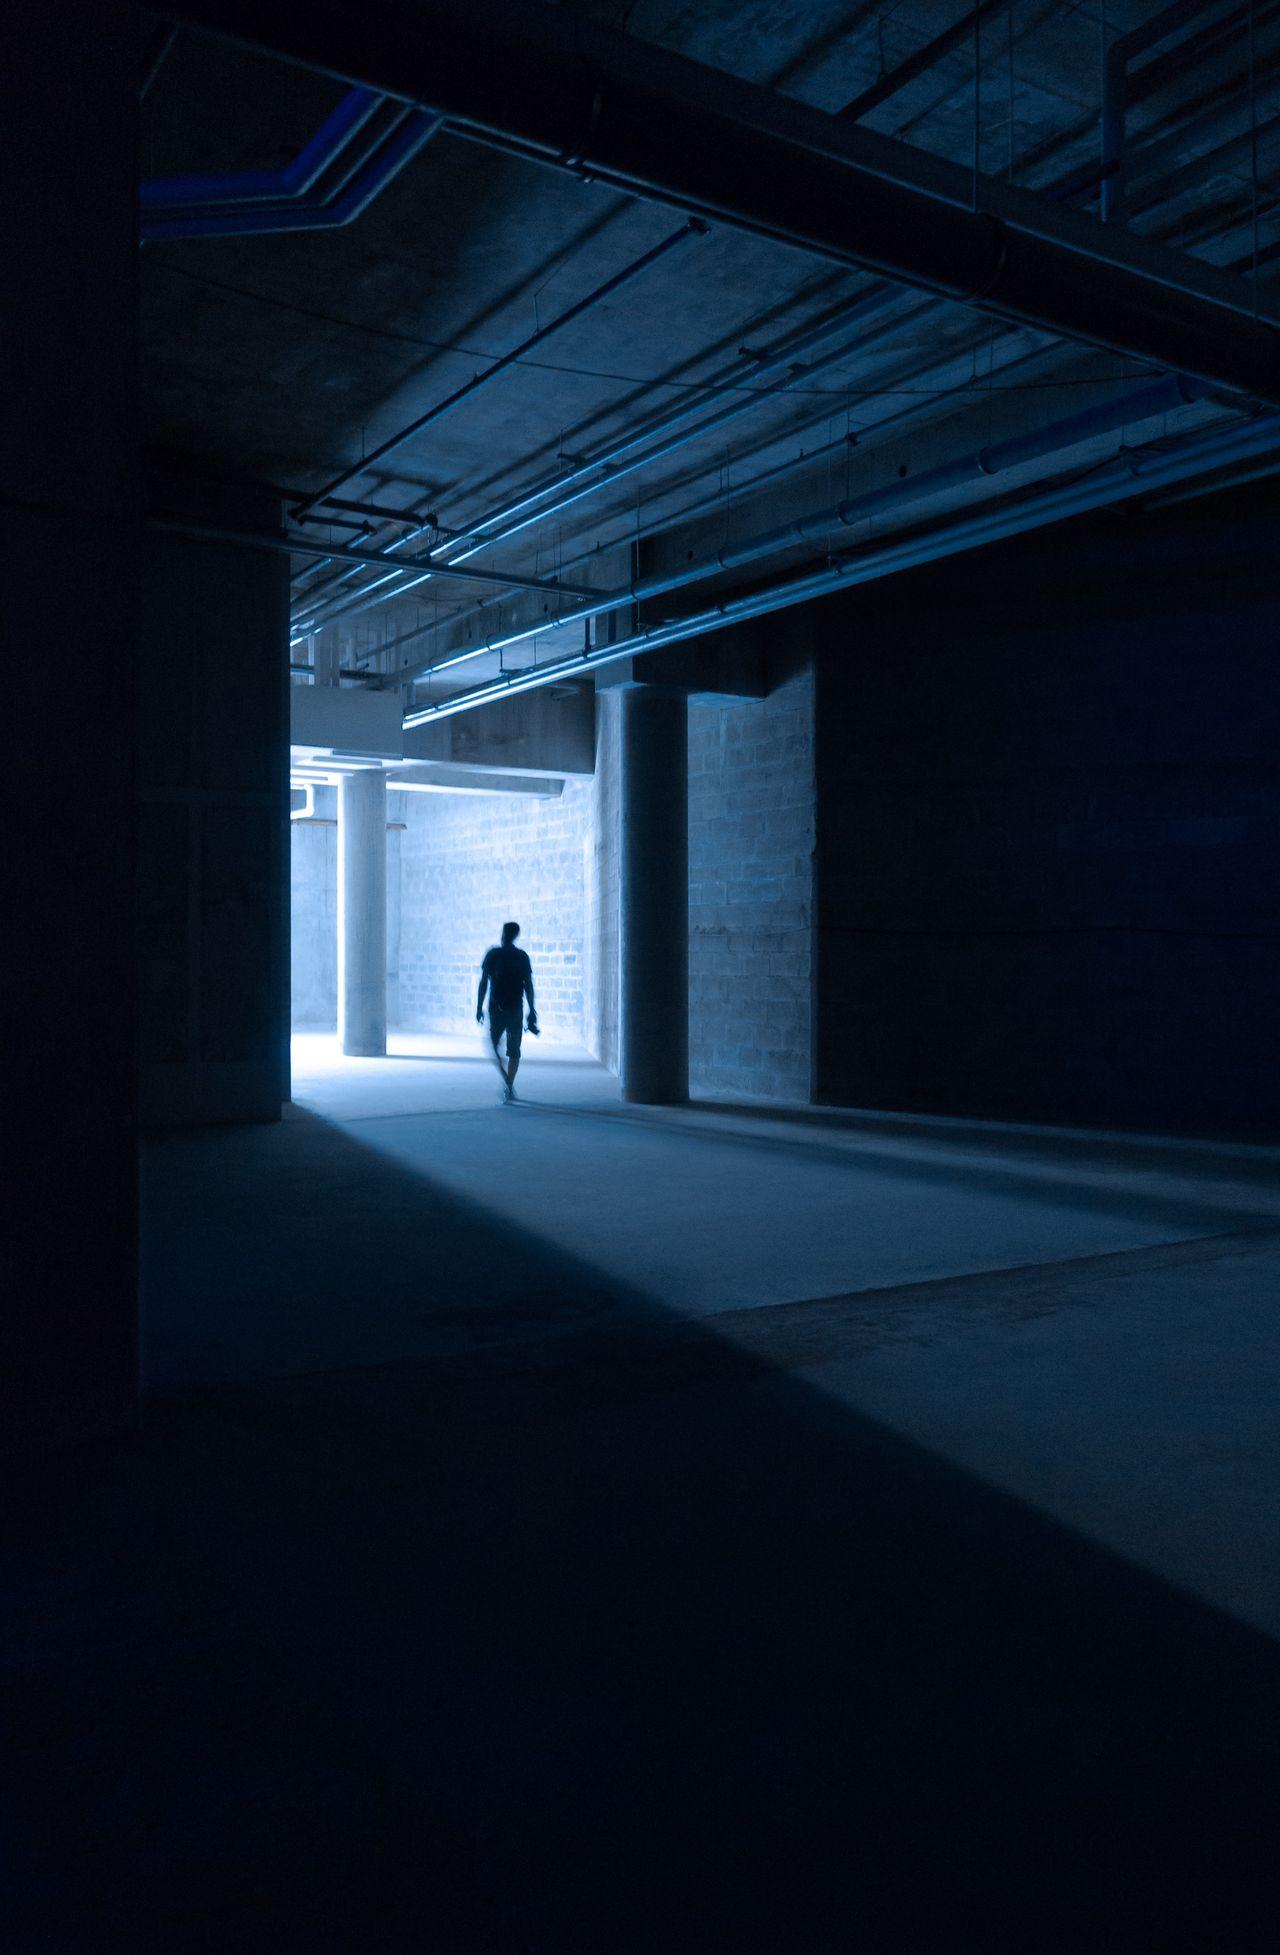 Silhouette man walking in parking garage